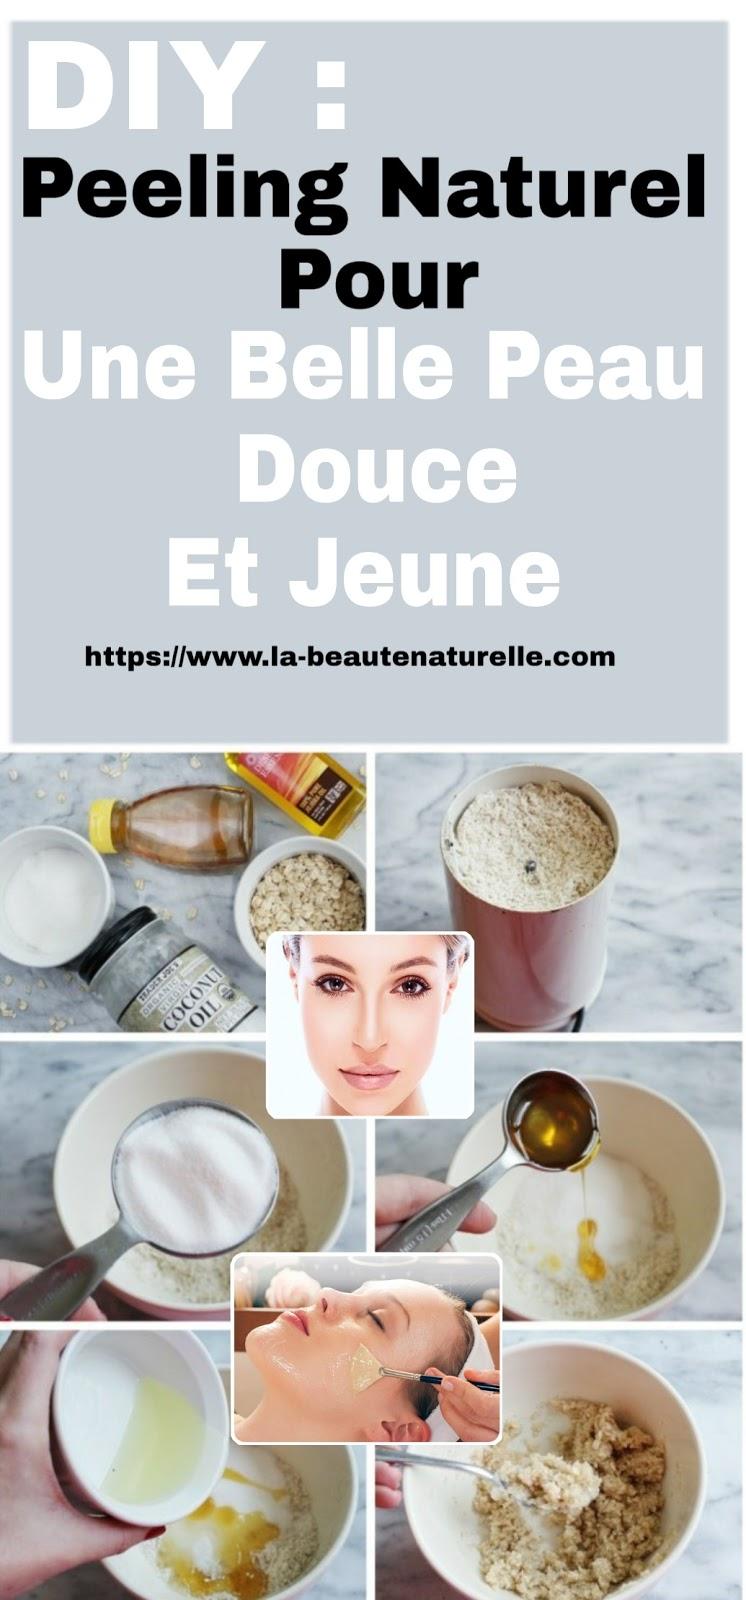 DIY : Peeling Naturel Pour Une Belle Peau Douce Et Jeune